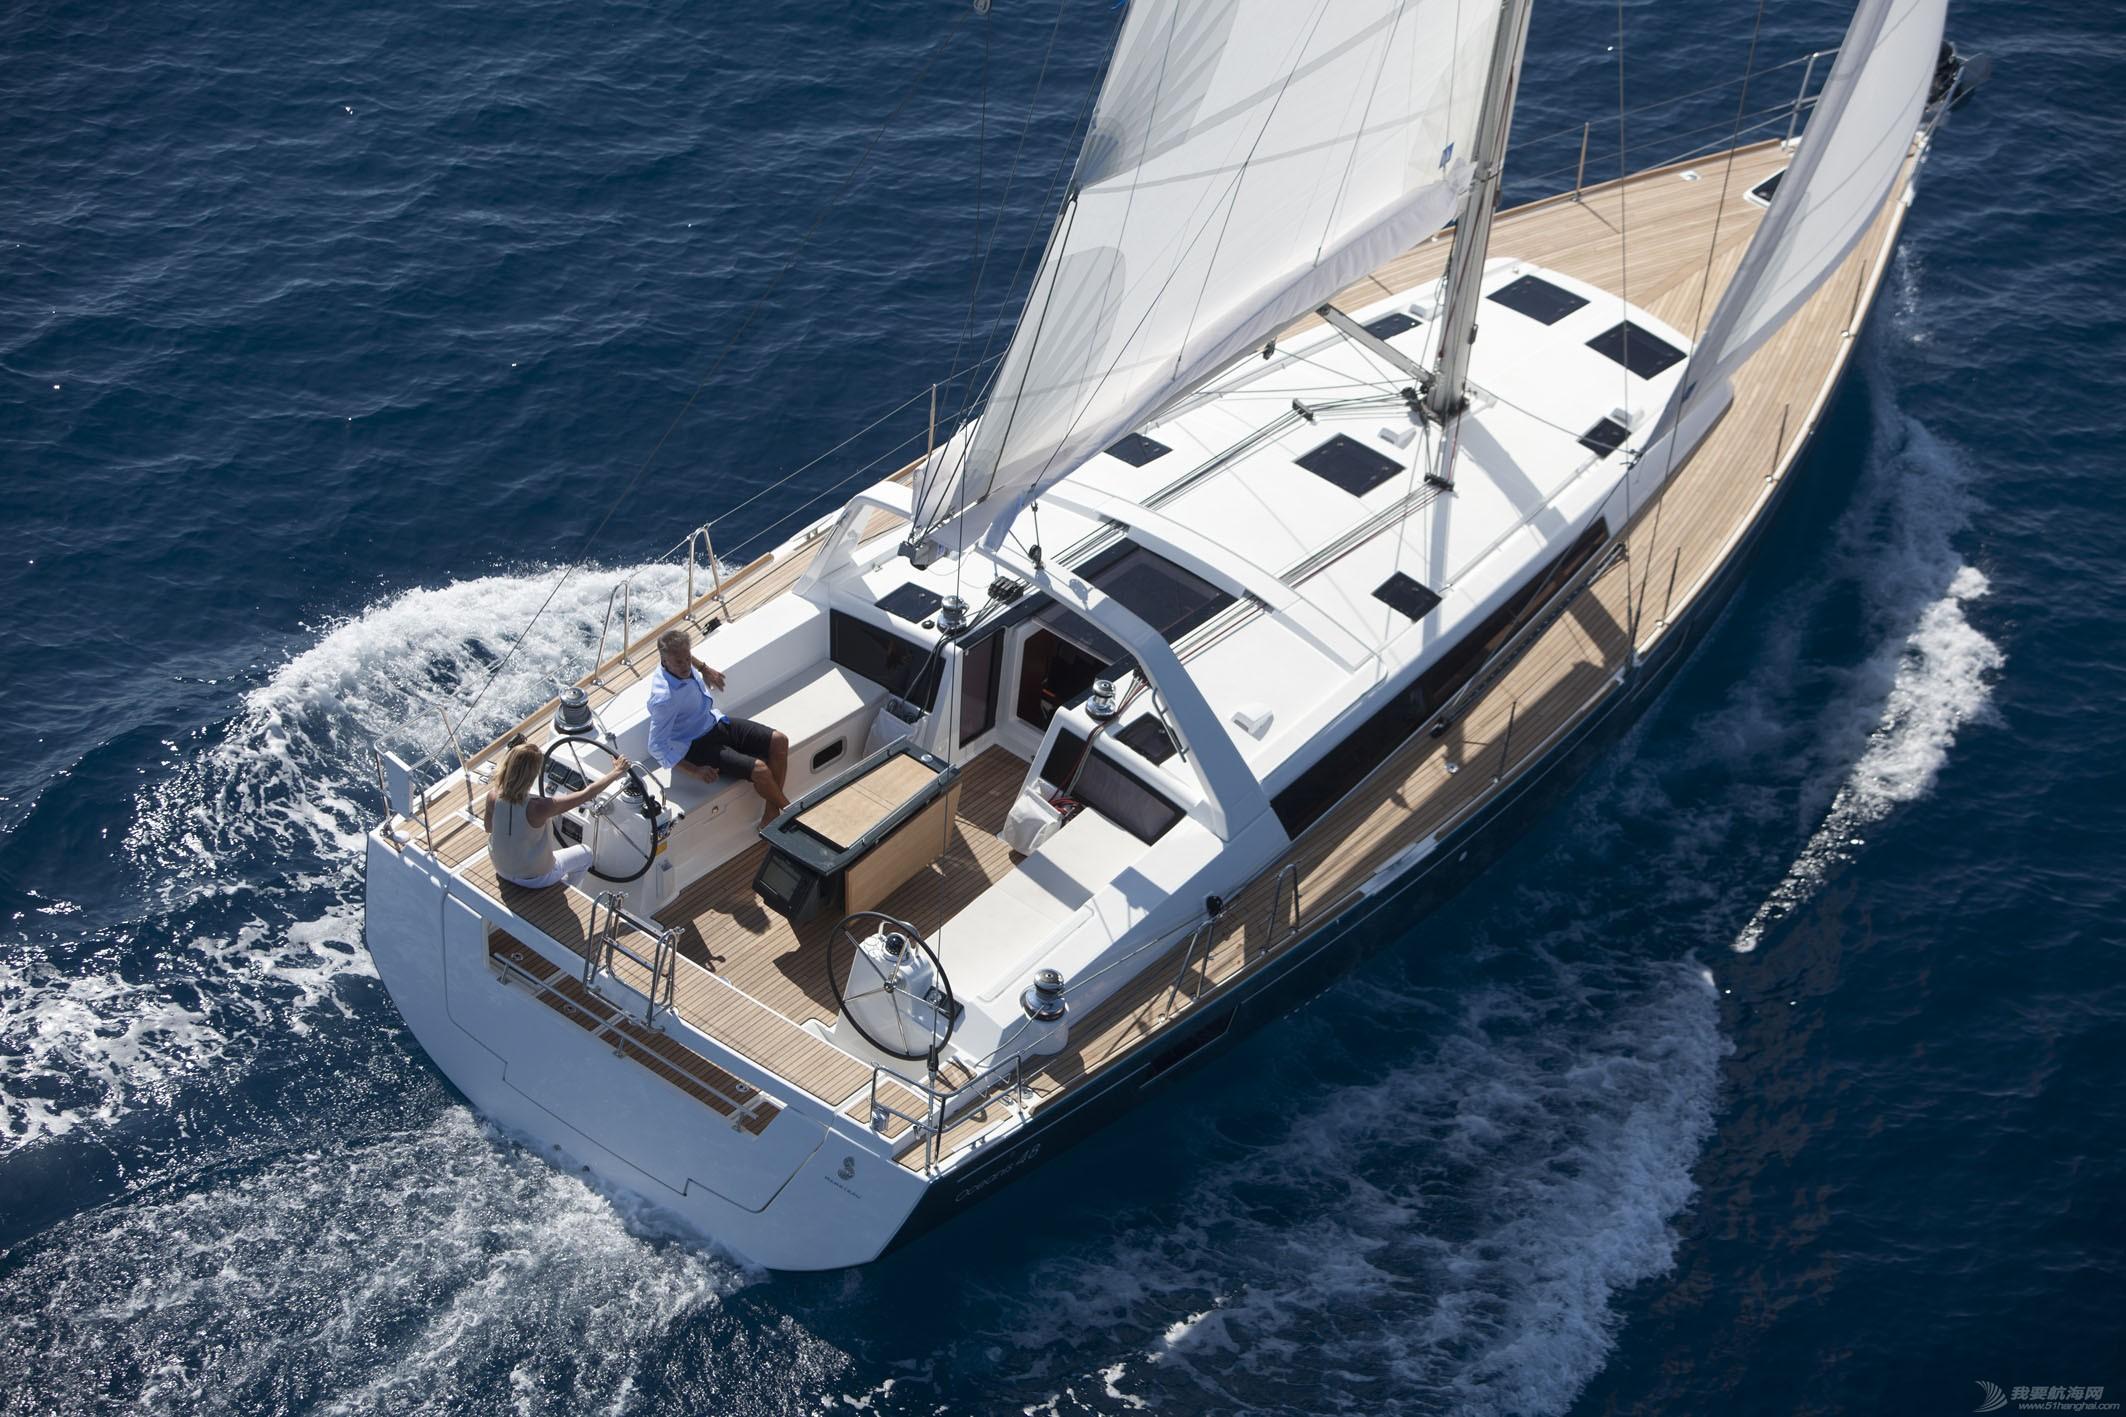 发动机,帆船,空间,型号 Beneteau Oceanis 48博纳多遨享仕48英尺单体帆船 48博纳多遨享仕48英尺单体帆船